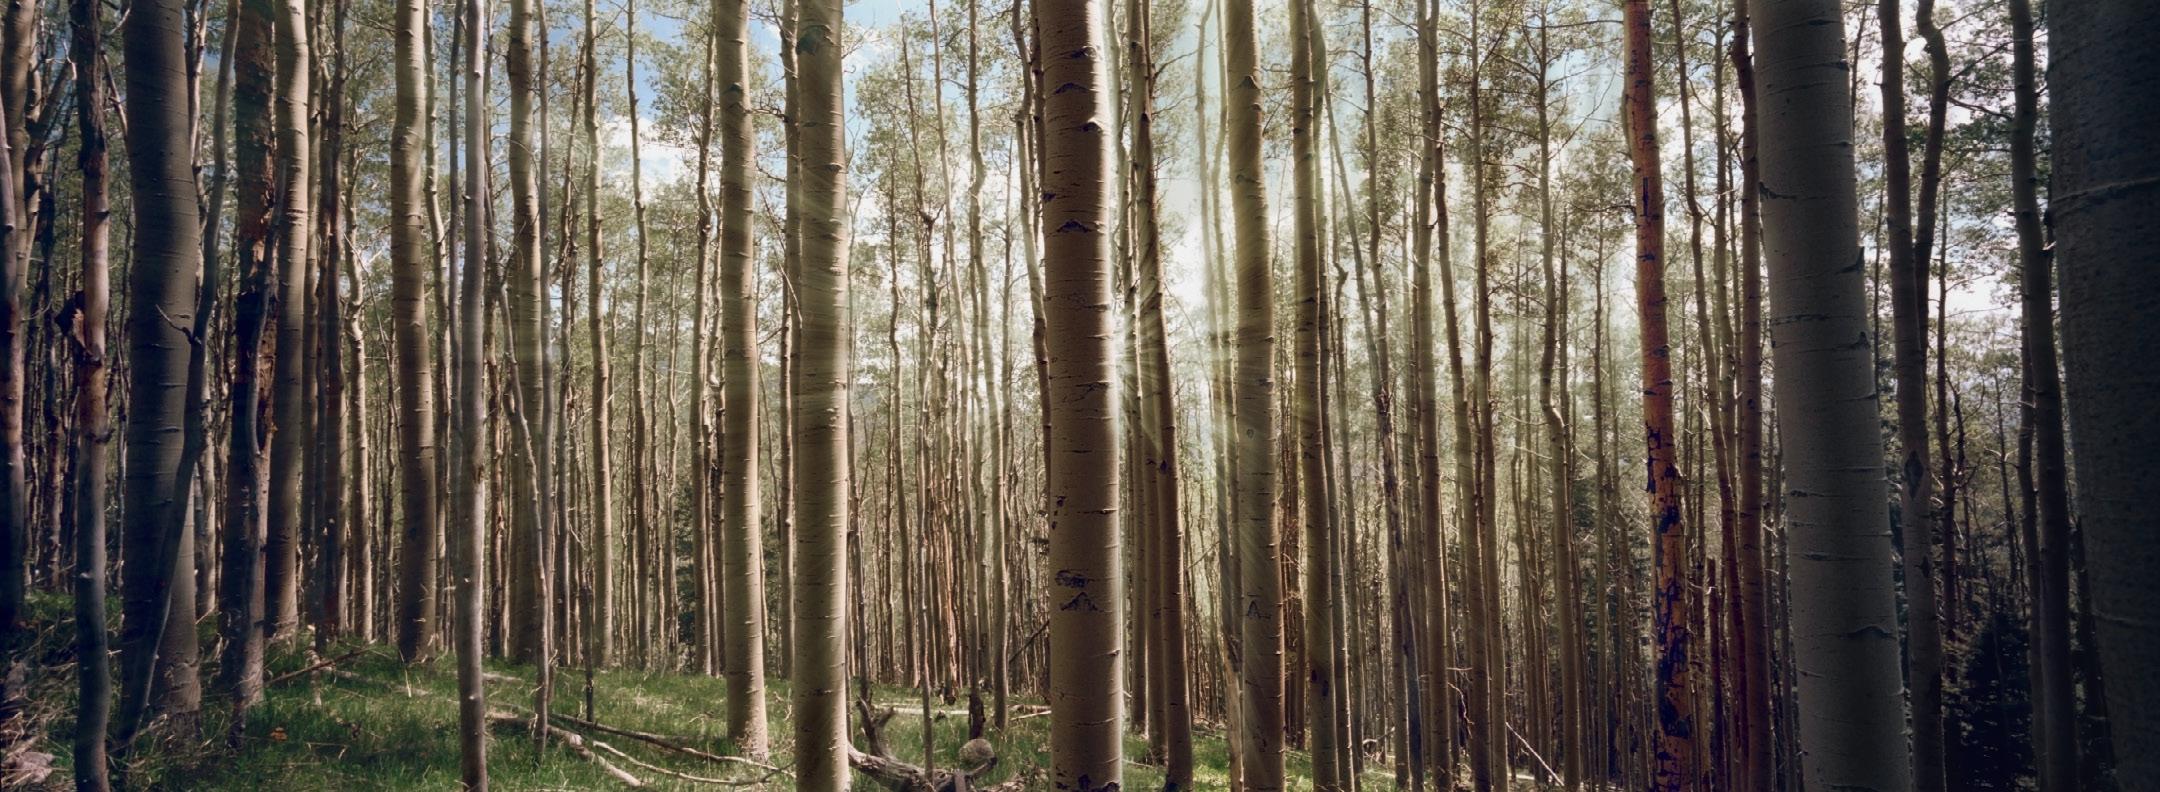 Panoramic Bk1_6.jpg